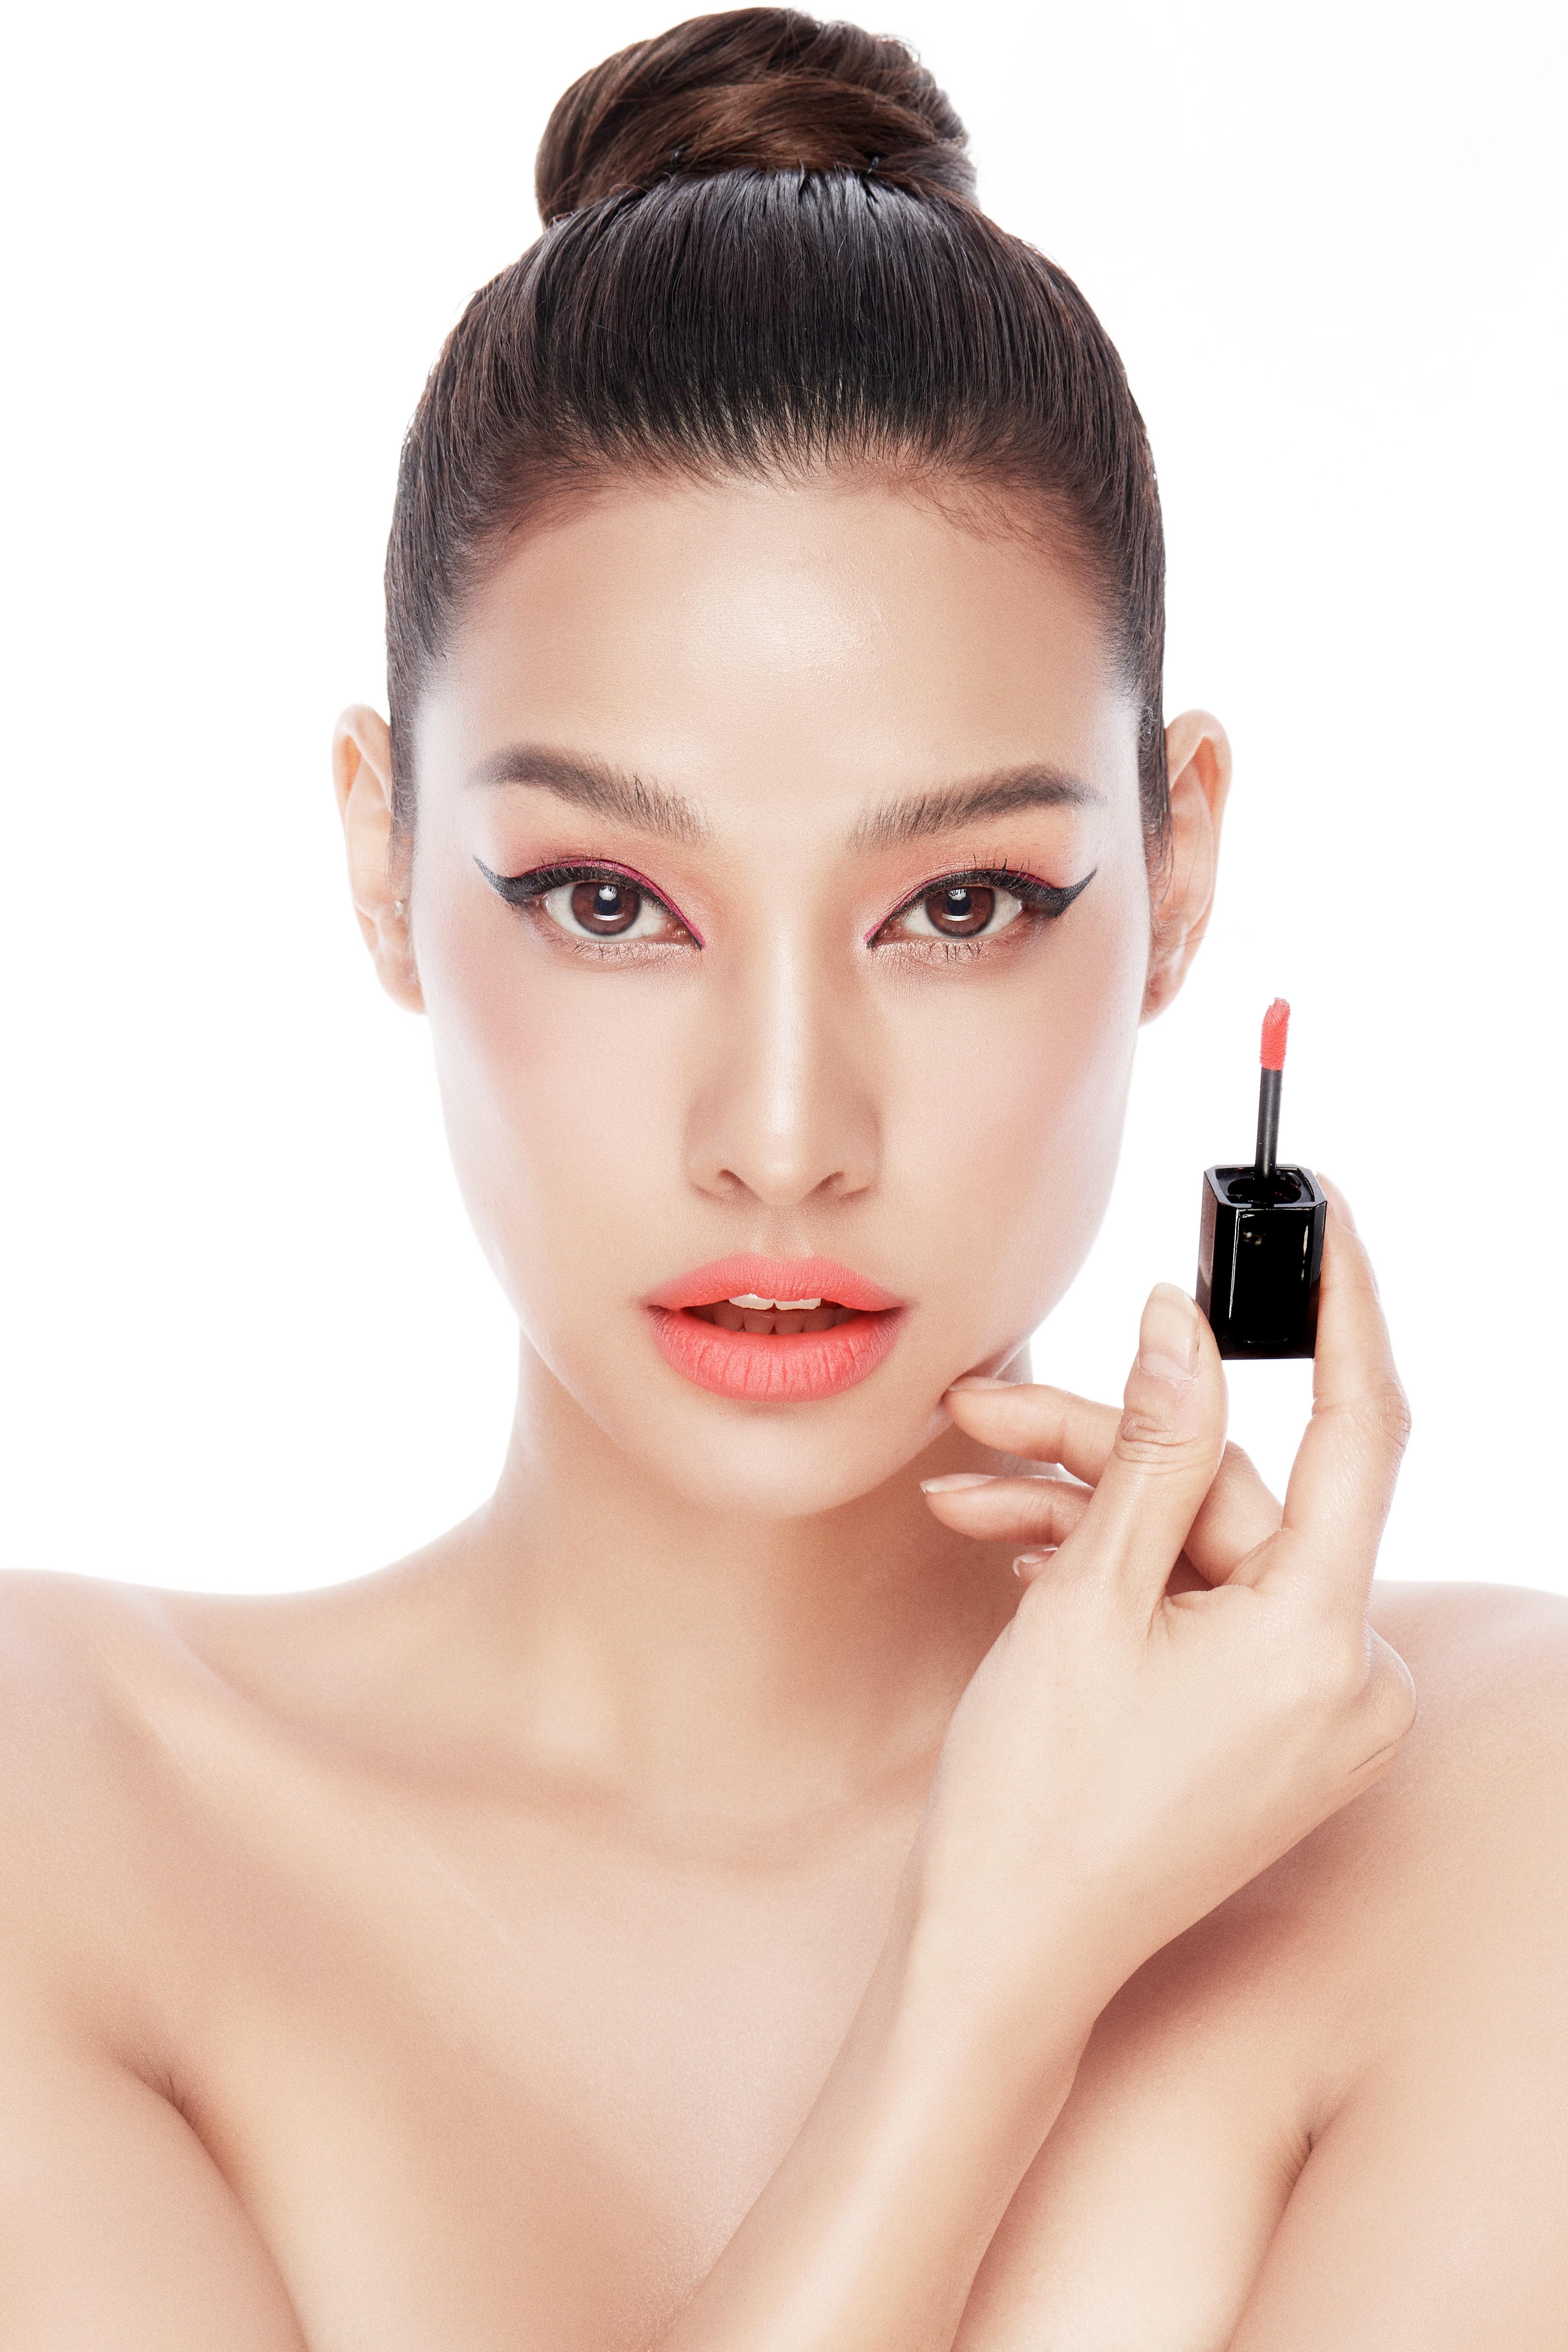 Hồng đào đang là gam màu trang điểm được yêu thích nhất hiện nay, gam màu này mang đến sự tươi tắn, hồng hào một cách tự nhiên, trông cực tự nhiên và hút mắt